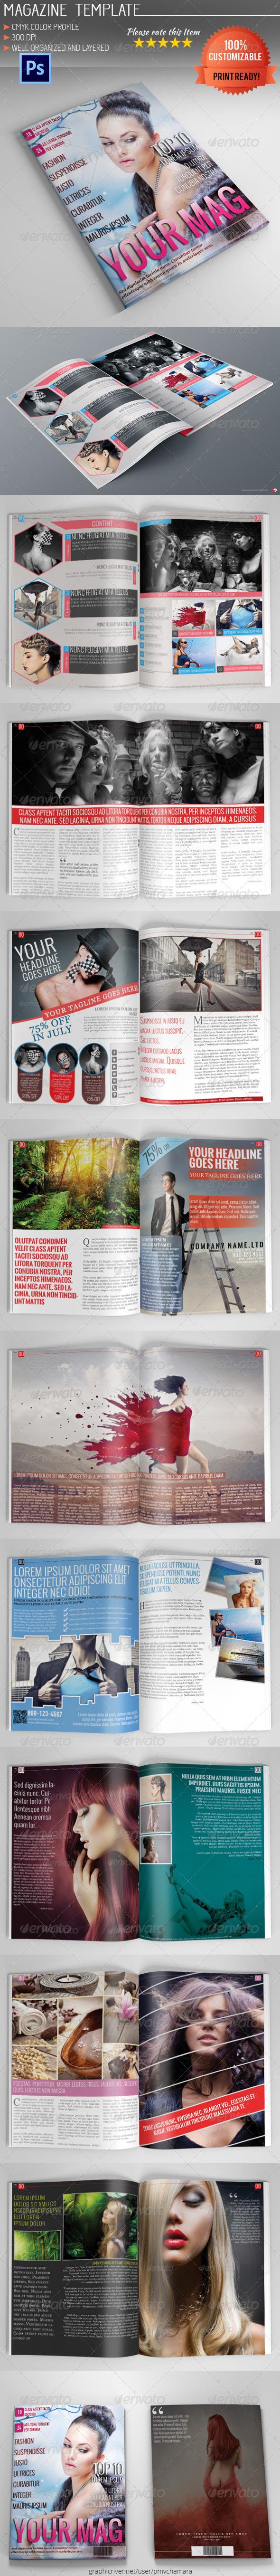 GraphicRiver Magazine Template Vol.7 5468394